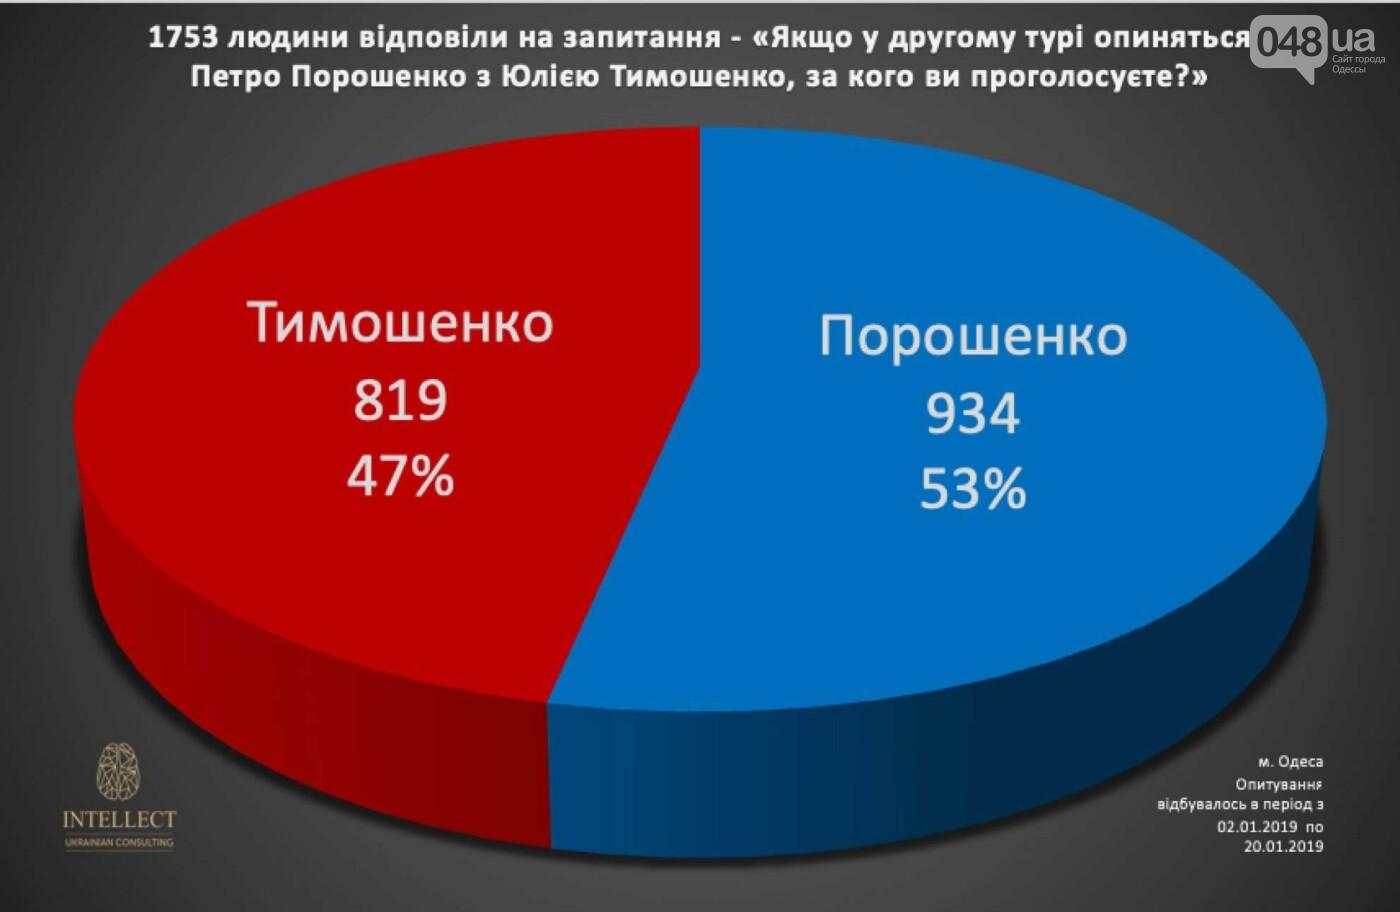 У одесситов спросили, за кого они будут голосовать, - ФОТО, фото-10